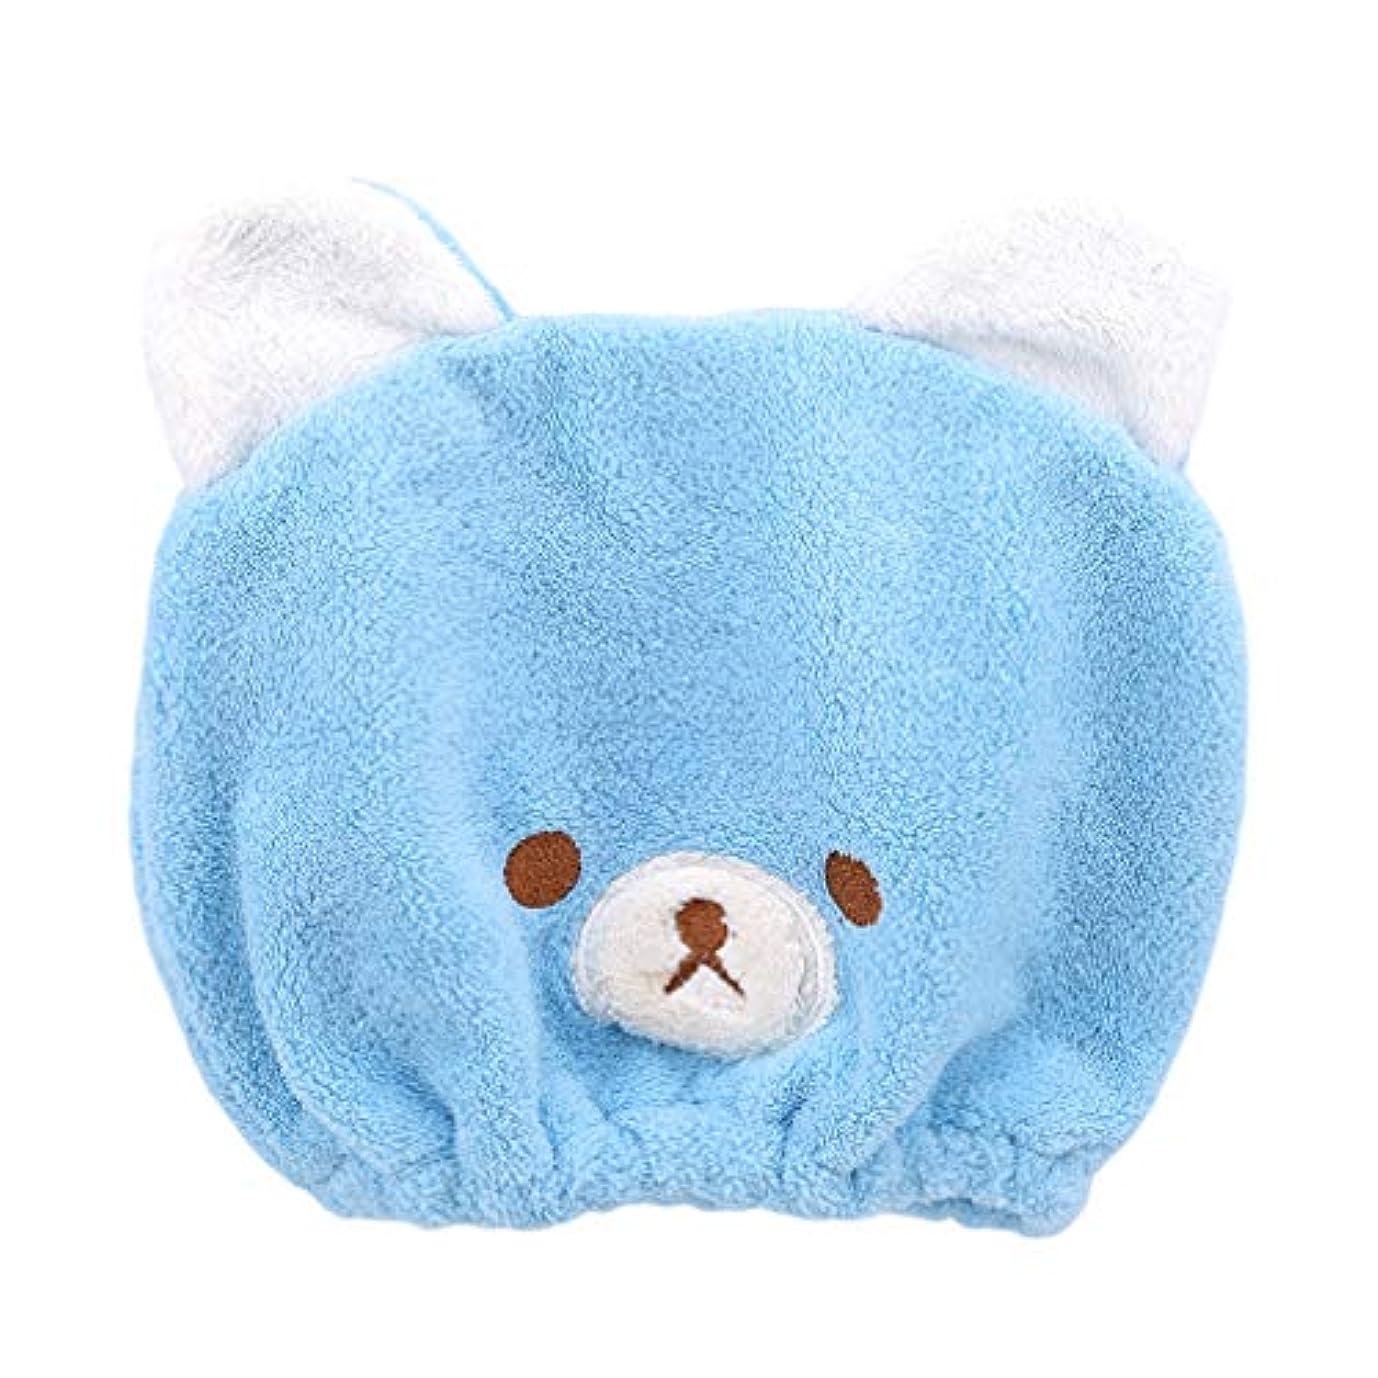 規制熱狂的なユニークなHKUN タオルキャップ ヘアドライタオル 動物 子供 ドライキャップ ヘアキャップ 吸水タオル 速乾 可愛い お風呂